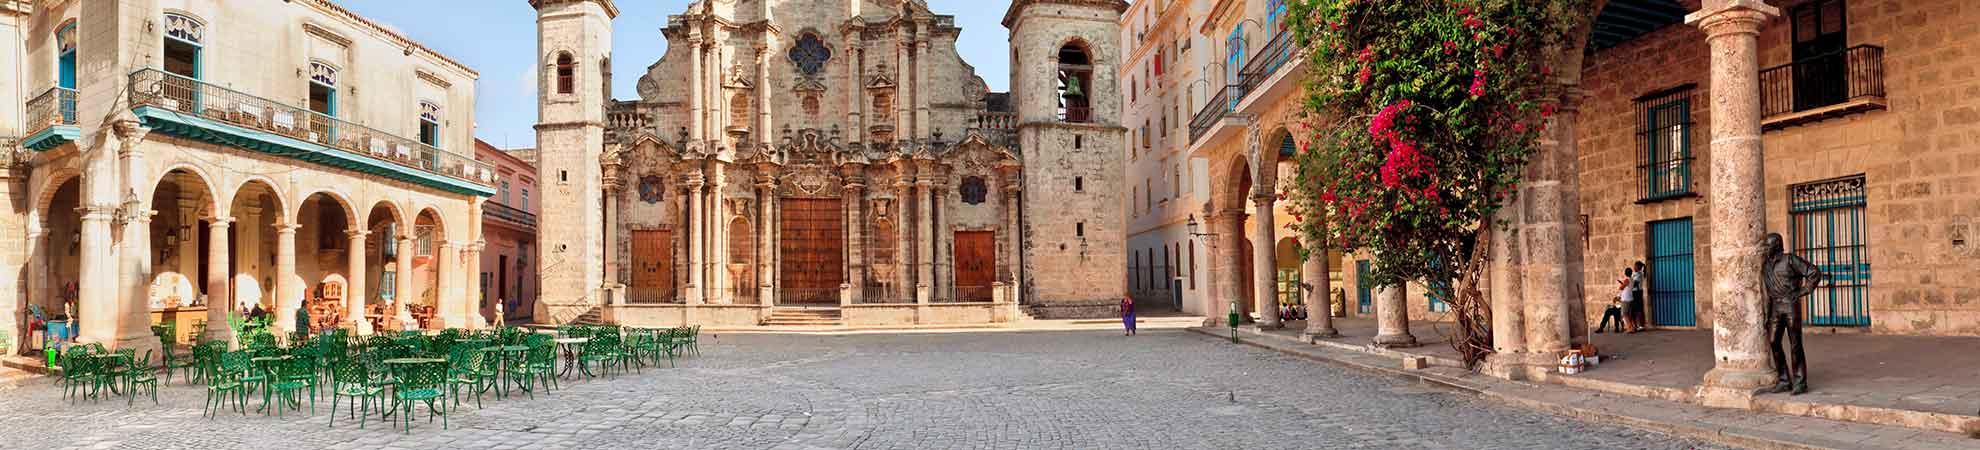 Visiter Cuba : Top 10 des incontournables du pays | Un voyage exceptionnel